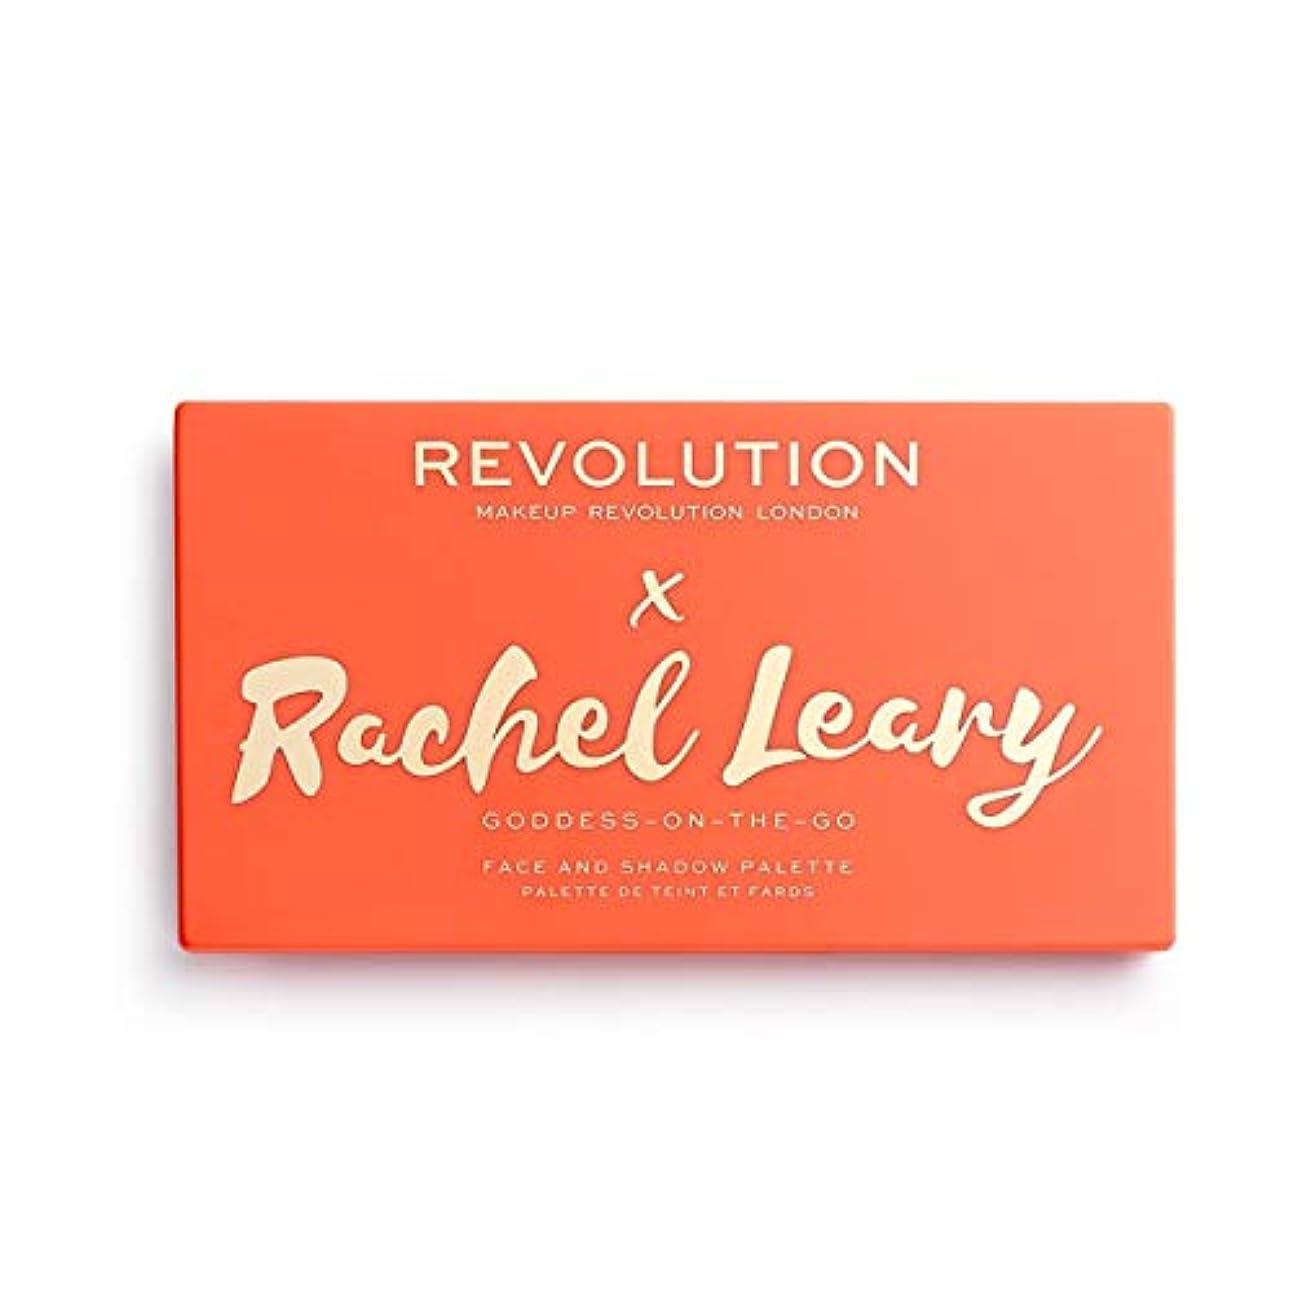 悲鳴加入パイロットメイクアップレボリューション ORIGINAL Revolution x Rachel Leary Goddess On The Go Palette 13色アイシャドウパレット REVOLUTION